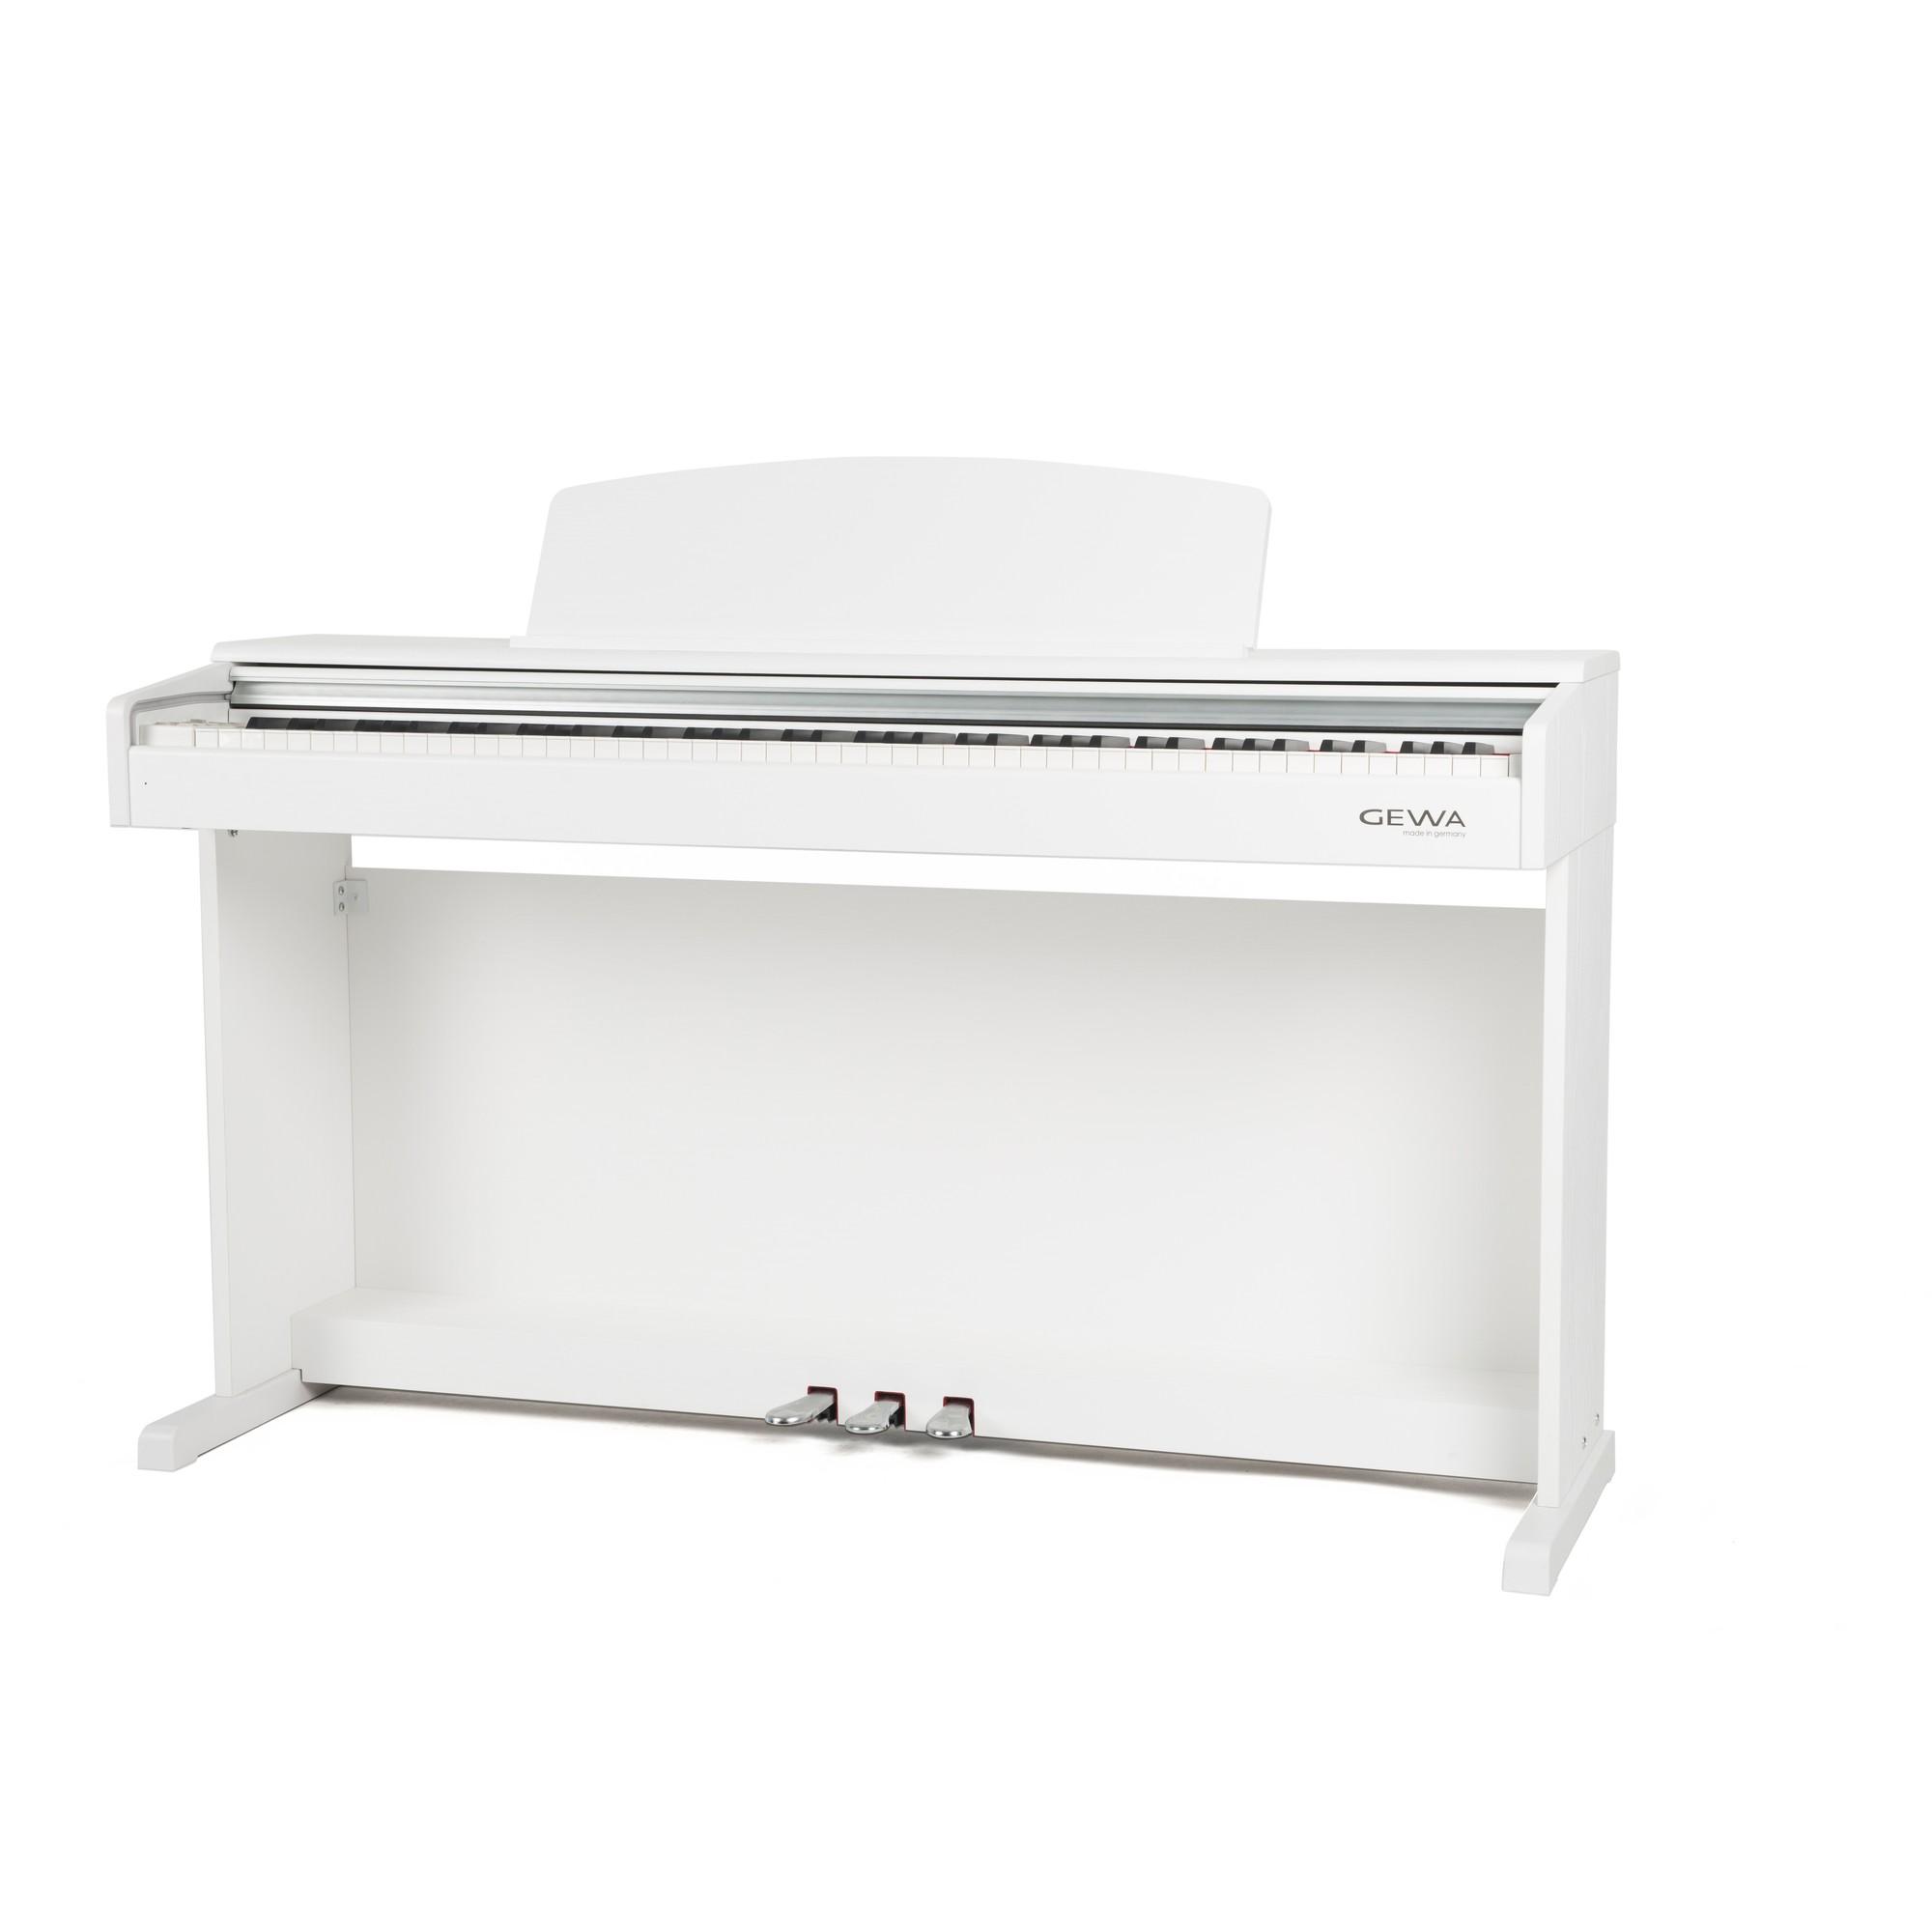 GEWA Digitalpiano DP 300 G weiß matt